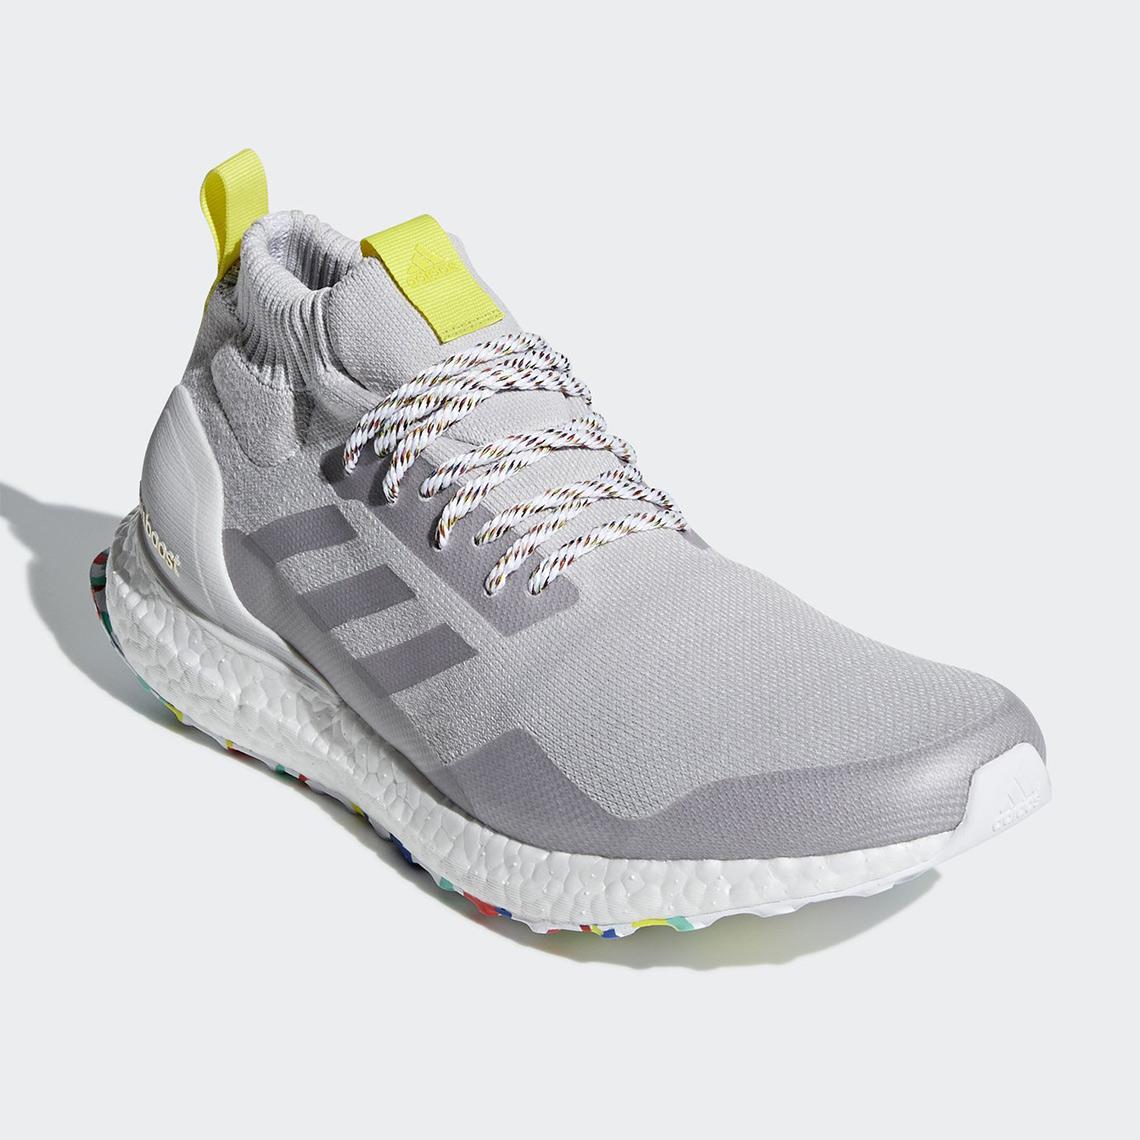 f13dd1fce20 adidas Ultra Boost Mid G26841 + G26842